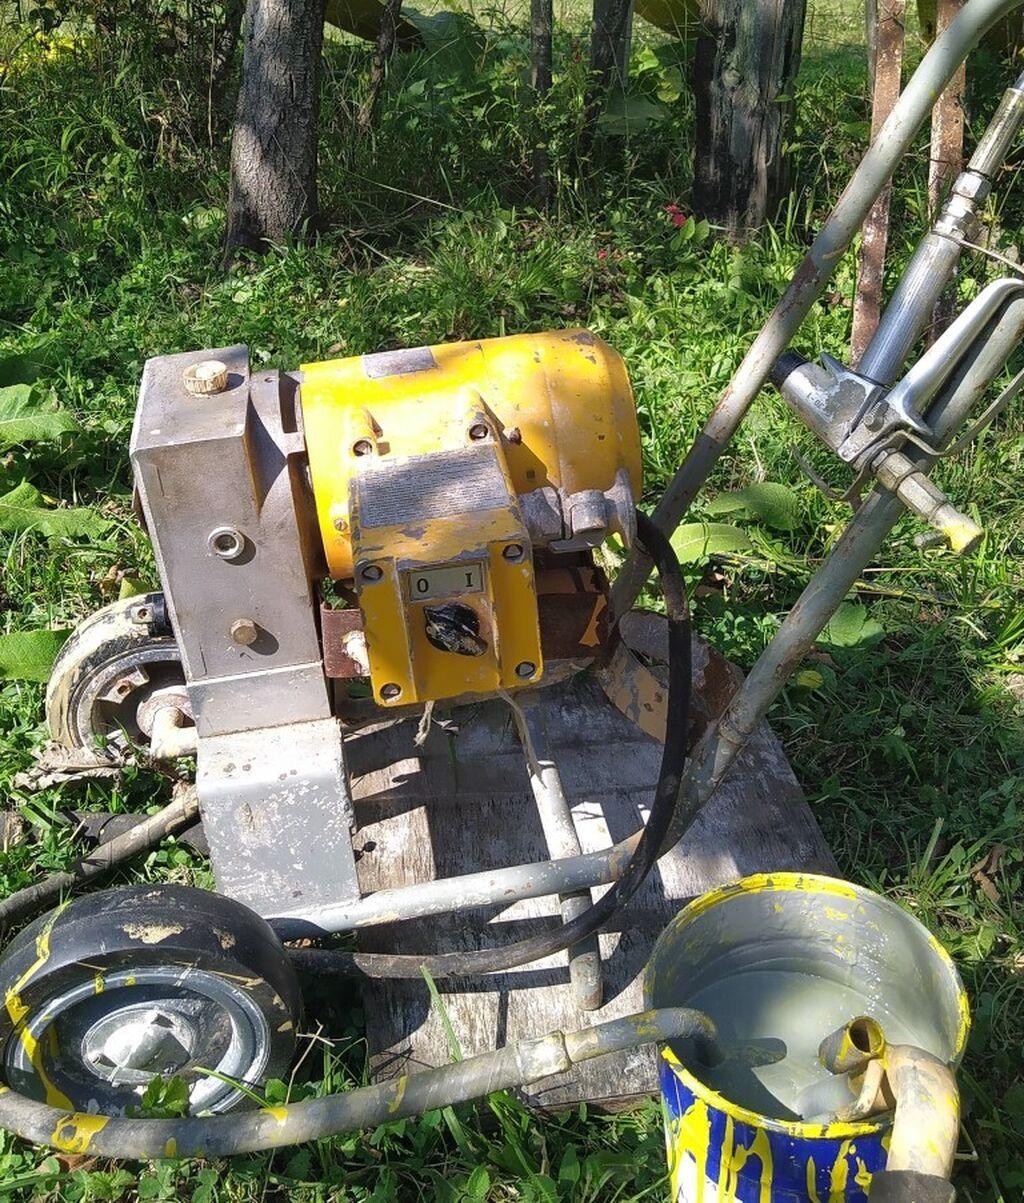 Окрасочный аппарат высокого давления Вагнер 2600 б/у находится в: Окрасочный аппарат высокого давления Вагнер 2600 б/у находится в